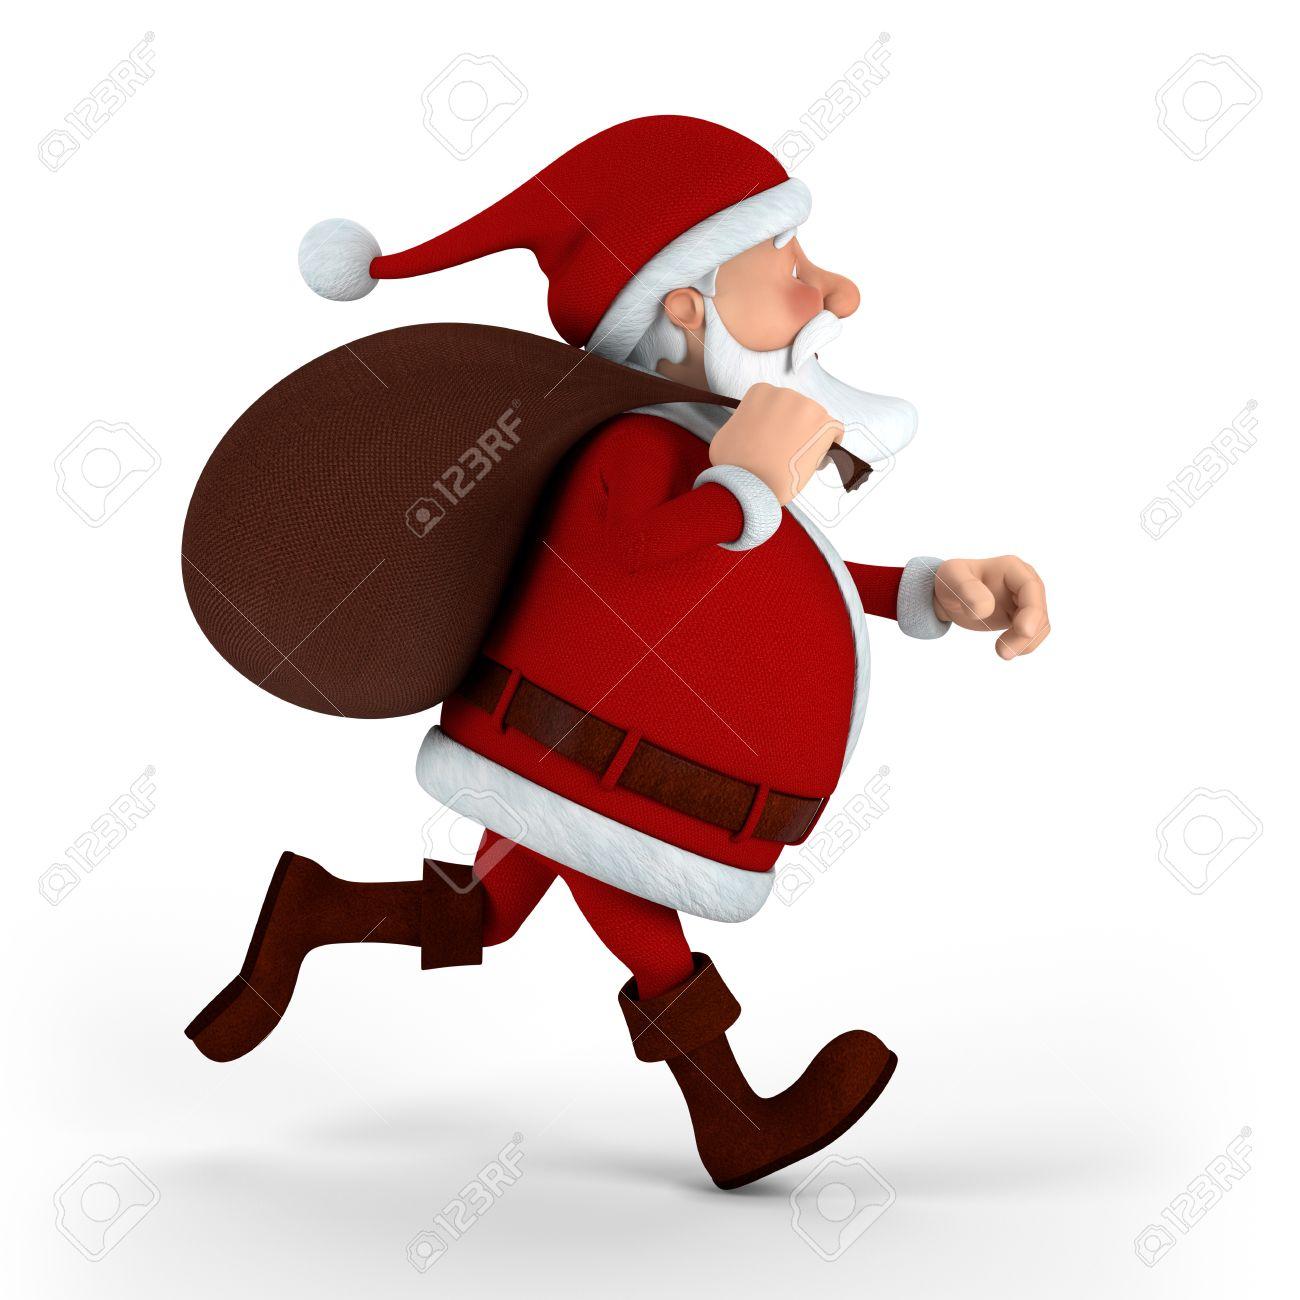 Immagini Babbo Natale Con Sacco.Cartoon Babbo Natale Con Sacco In Esecuzione Su Sfondo Bianco Alta Illustrazione 3d Di Qualita